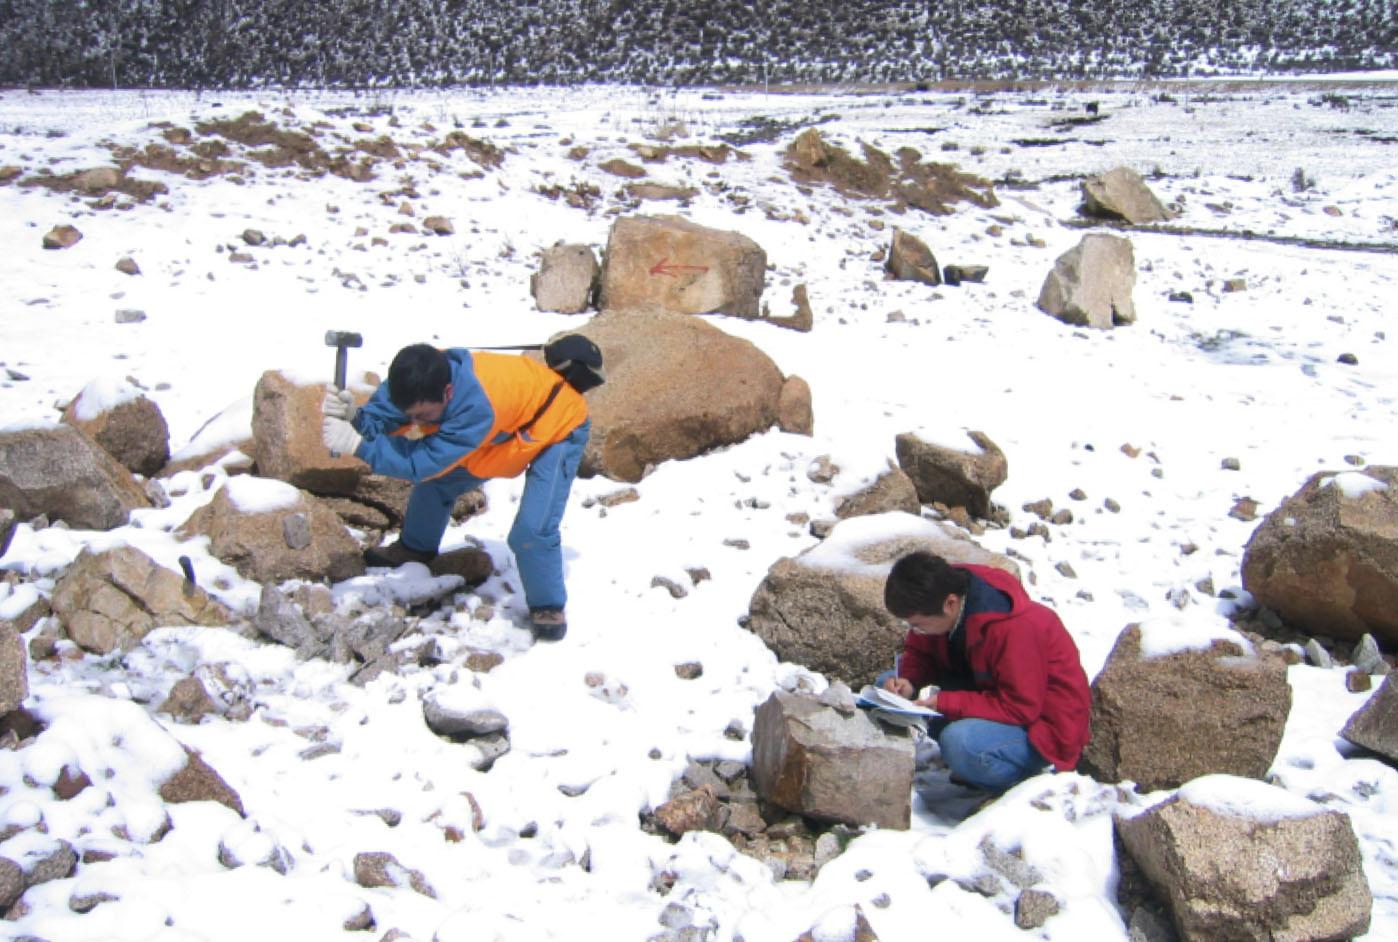 鍾孫霖與團隊在西藏進行地質調查。圖│鍾孫霖提供